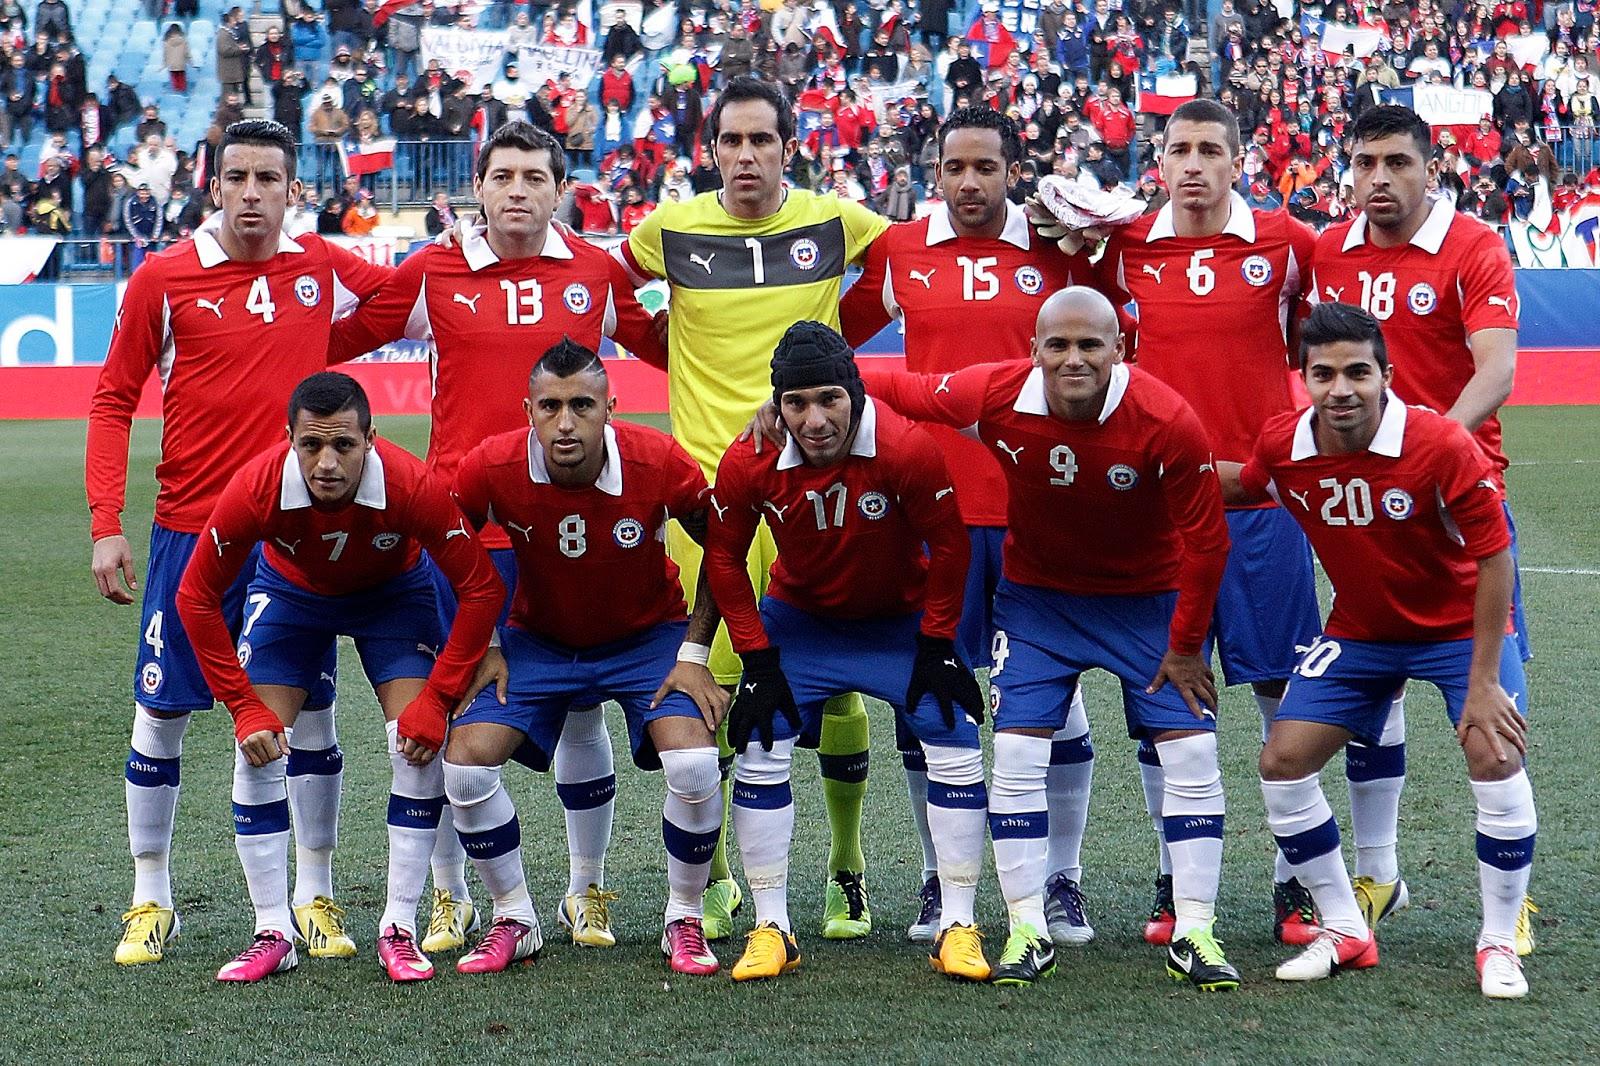 Formación de Chile ante Egipto, amistoso disputado el 6 de febrero de 2013